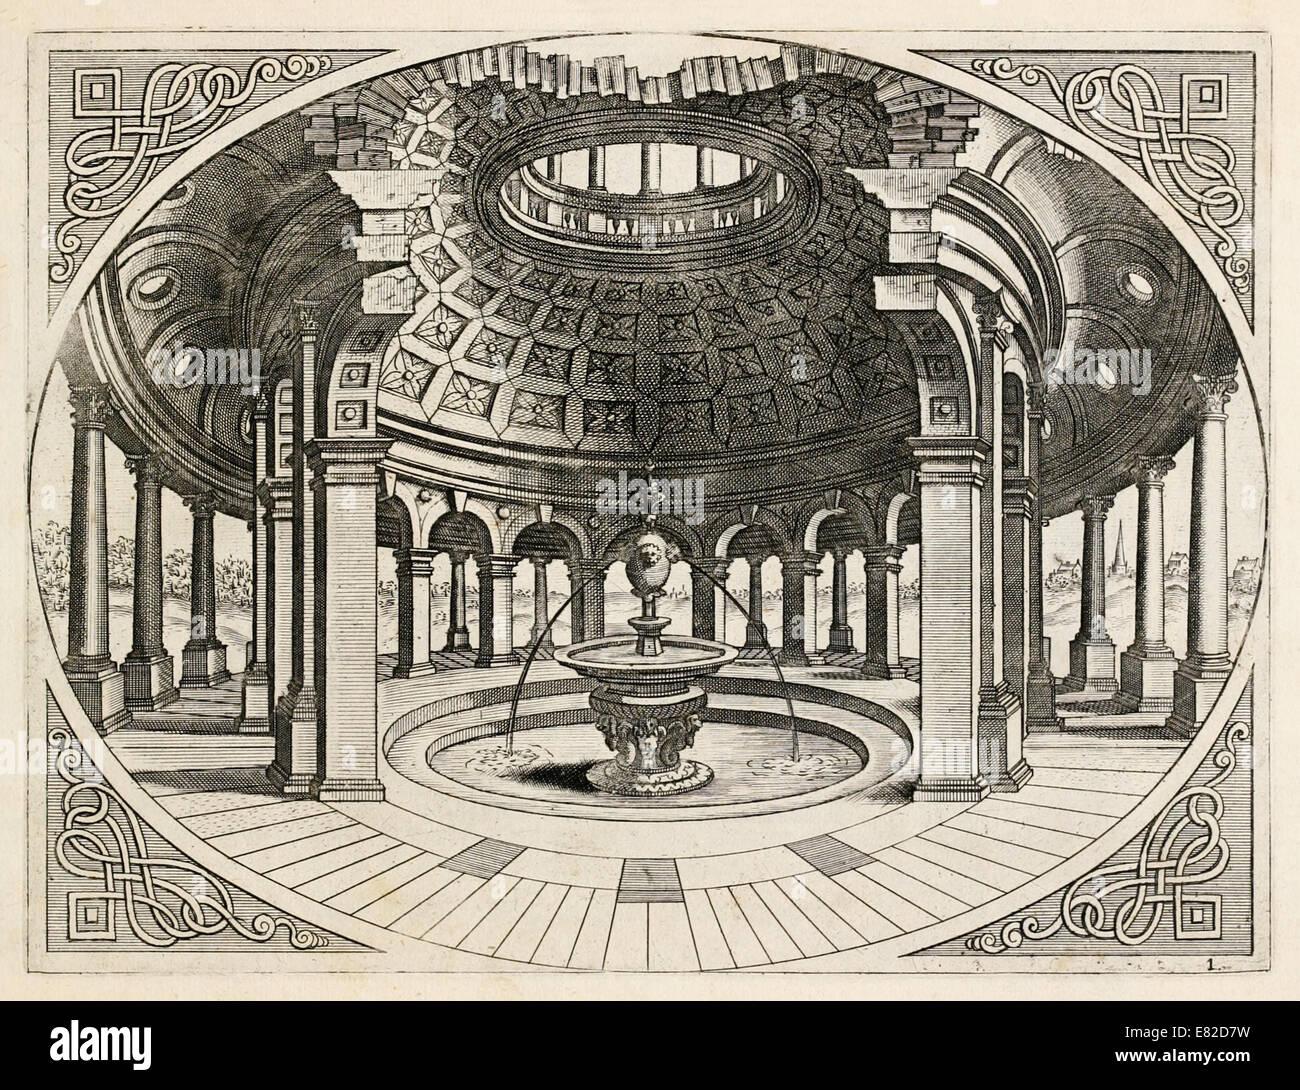 Hans Vredeman de Vries (1527 1607) Dutch Renaissance architect  illustration. See description for more information.